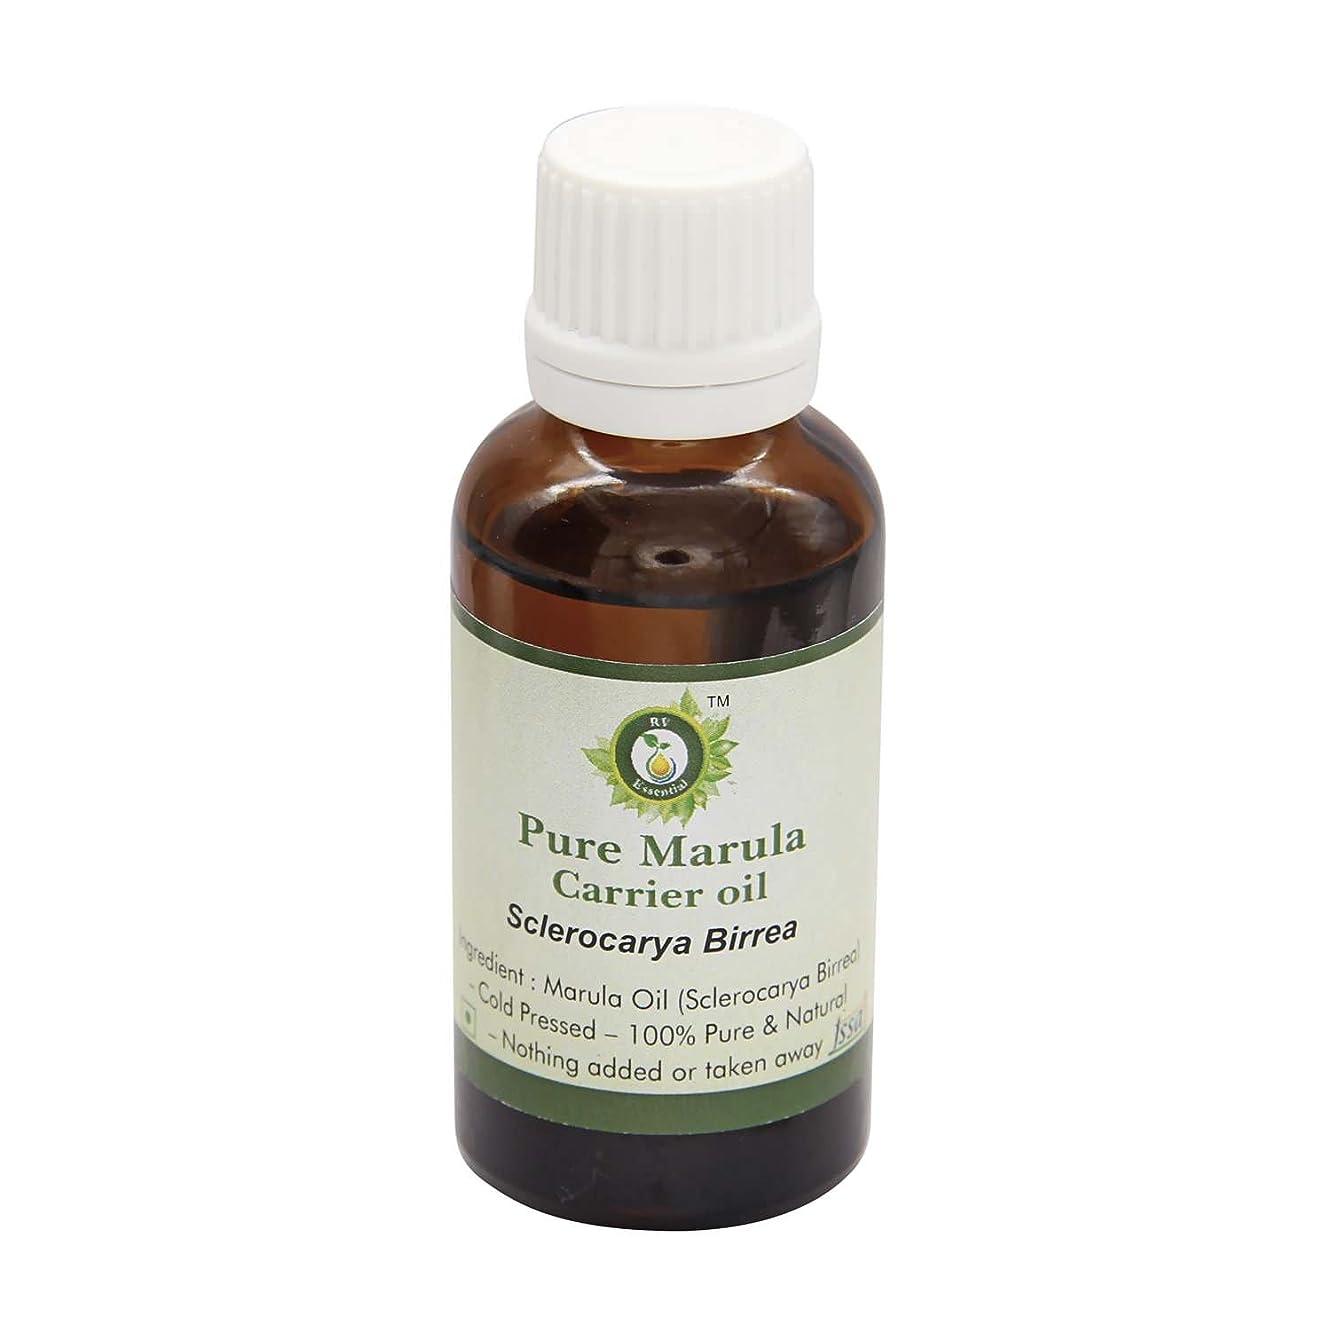 請負業者順番大通りR V Essential 純粋なMarulaキャリアオイル5ml (0.169oz)- Sclerocarya Birrea (100%ピュア&ナチュラルコールドPressed) Pure Marula Carrier Oil